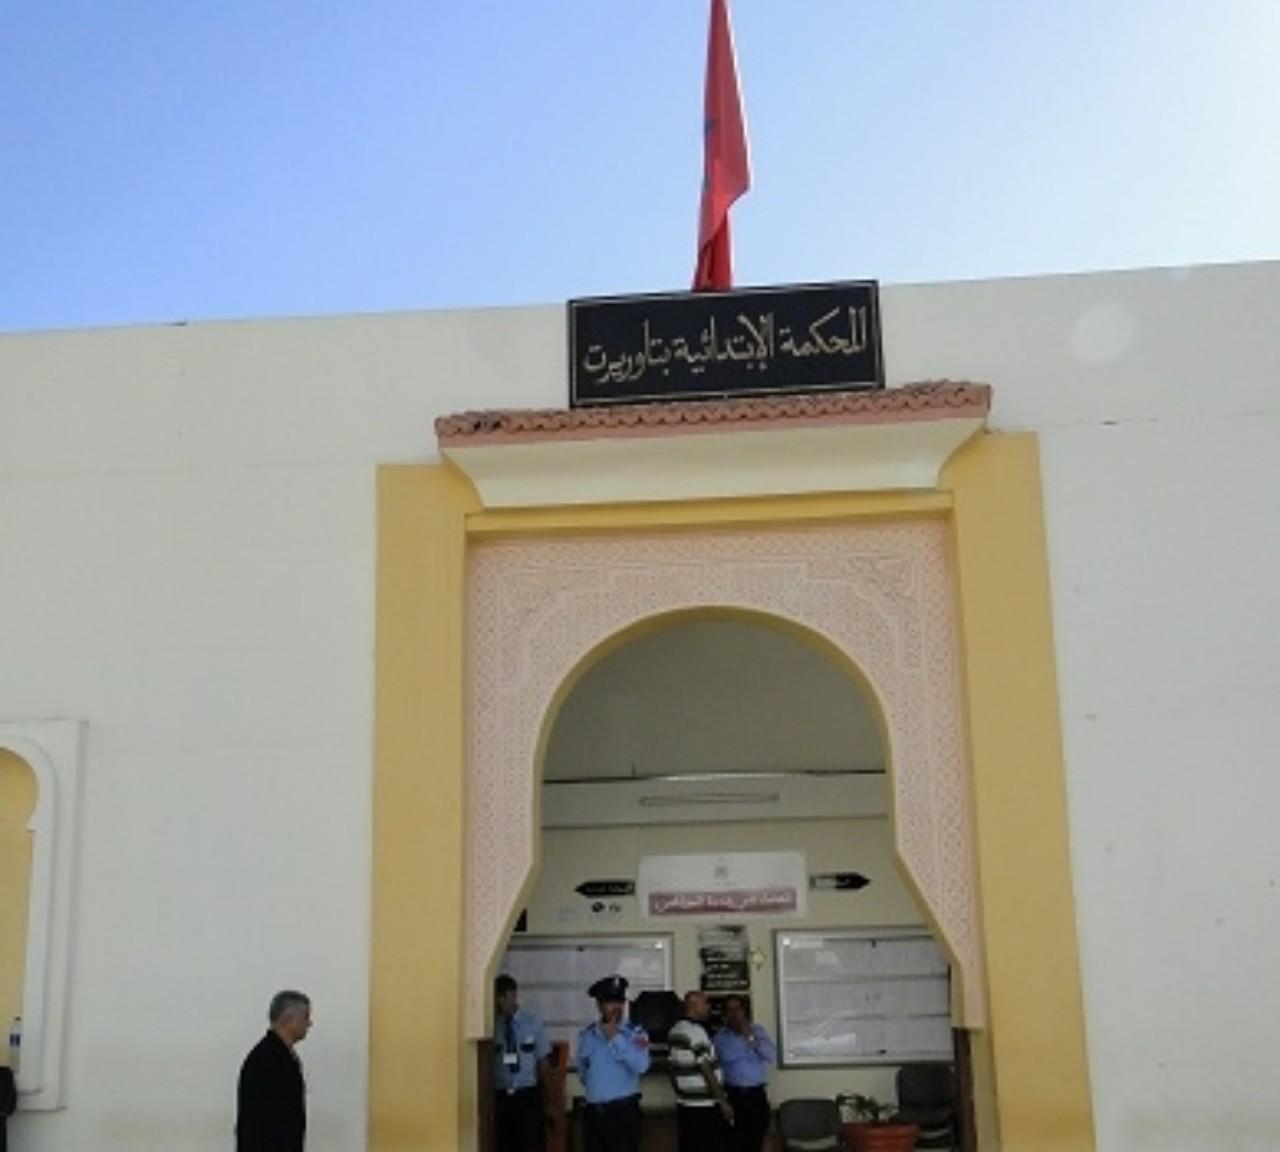 تنصيب الأستاذ عمرو بنعلي رئيسا جديدا للمحكمة الابتدائية بتاوريرت